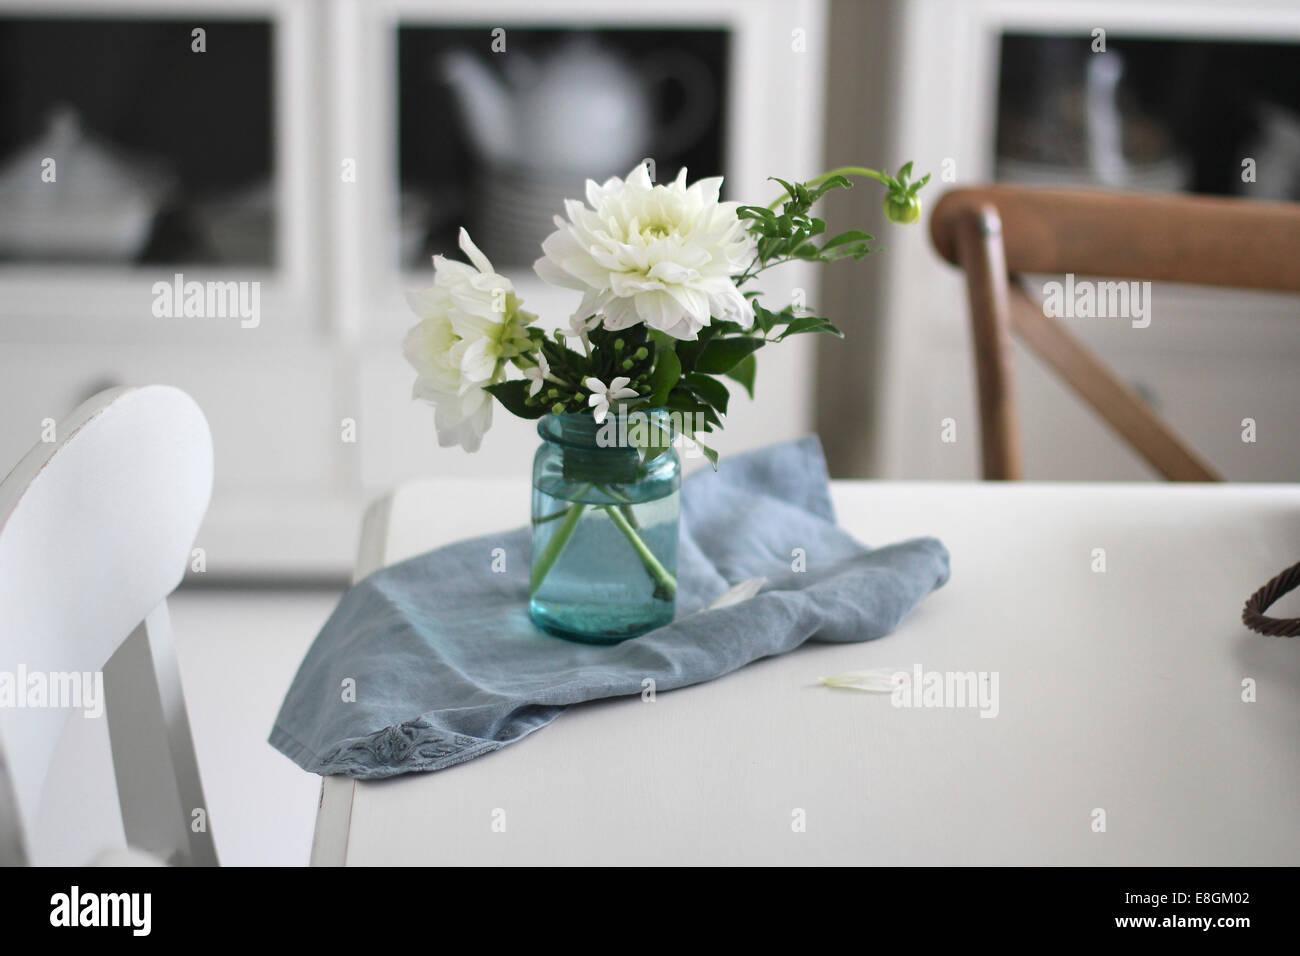 Jarrón de flores y servilleta en la mesa de comedor Imagen De Stock